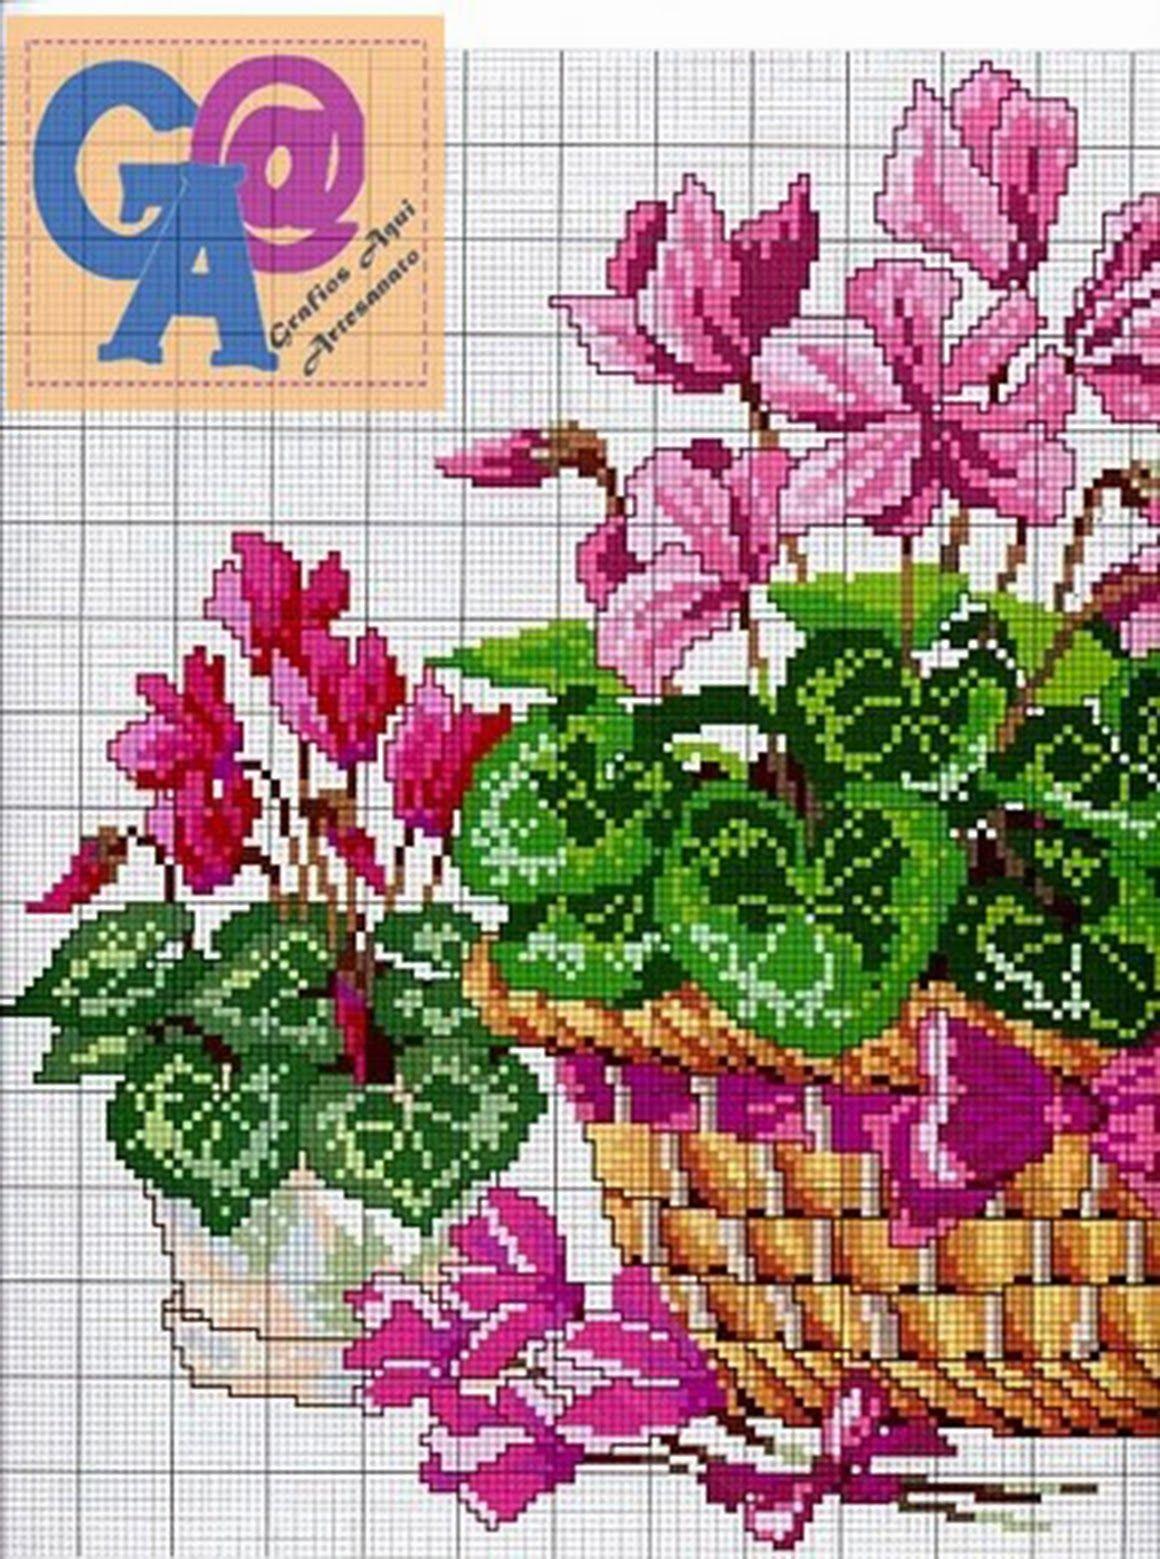 Cesta De Flor Bordado Em Ponto Cruz Grafico Com Cores Floral